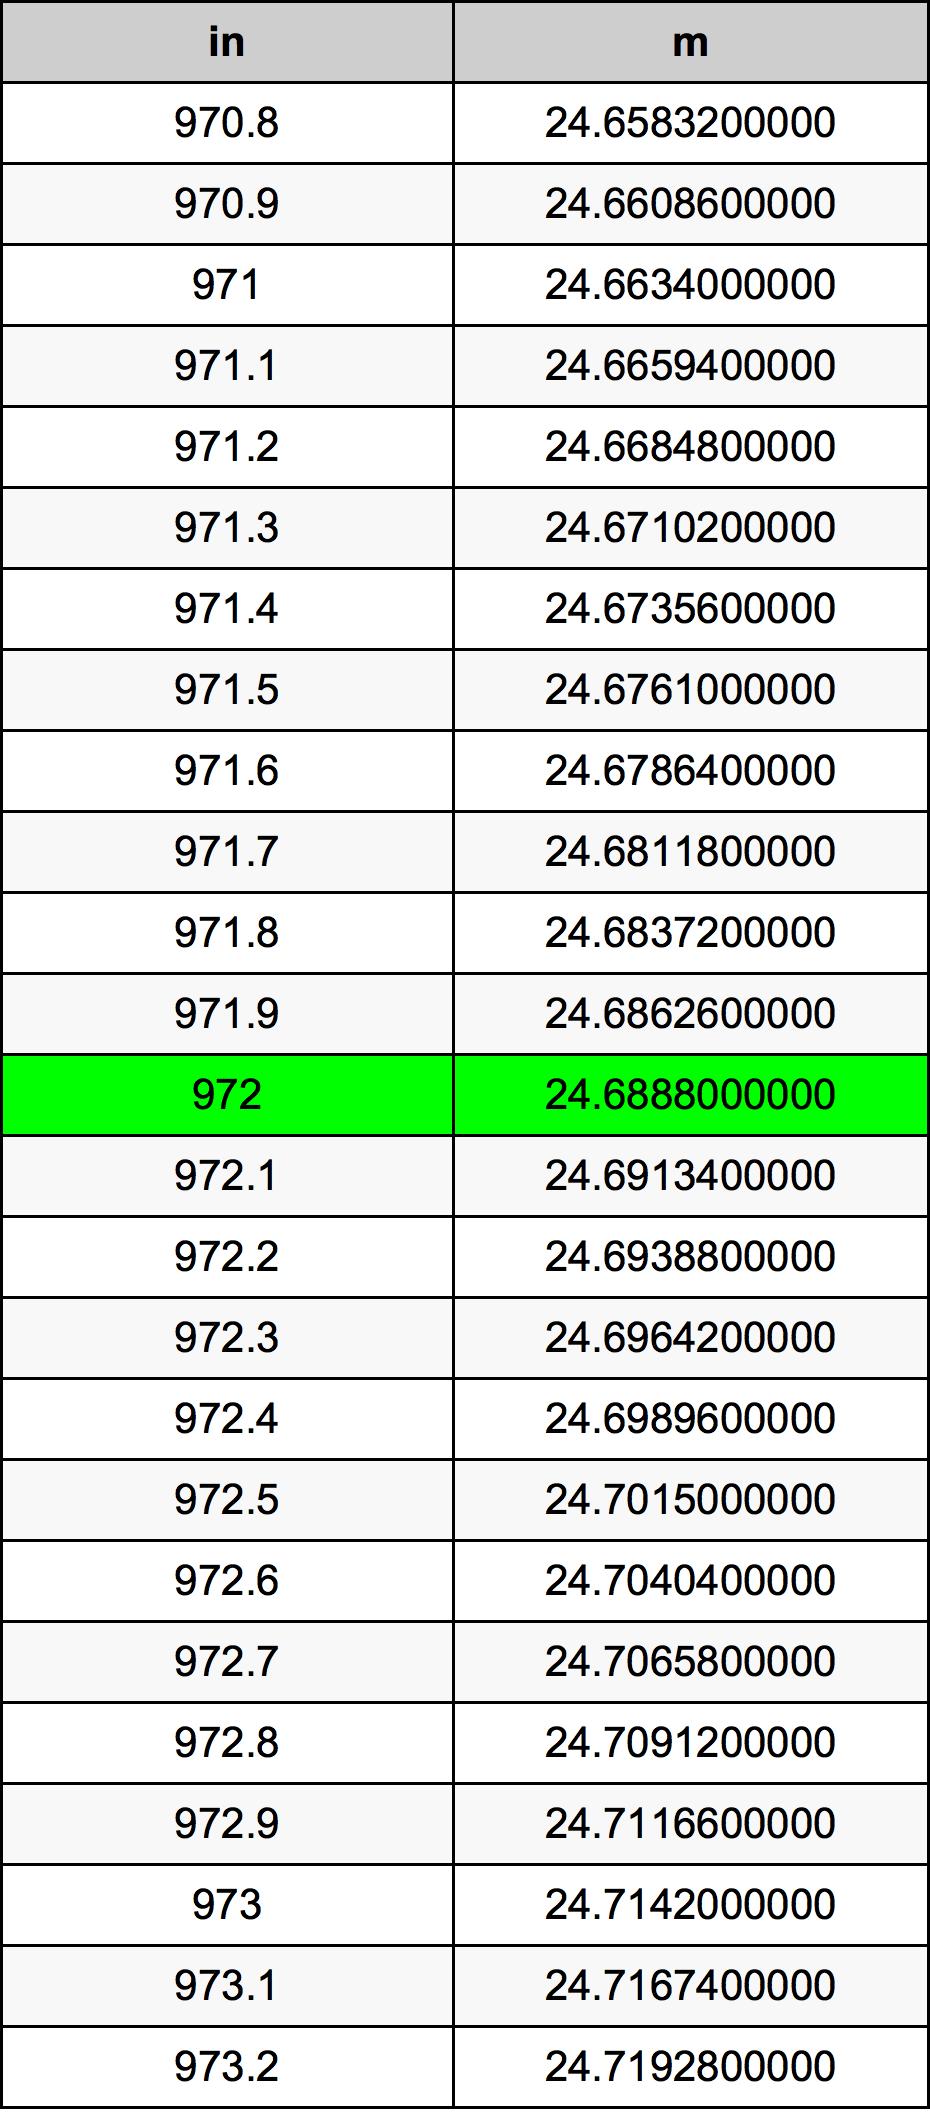 972 英寸换算表